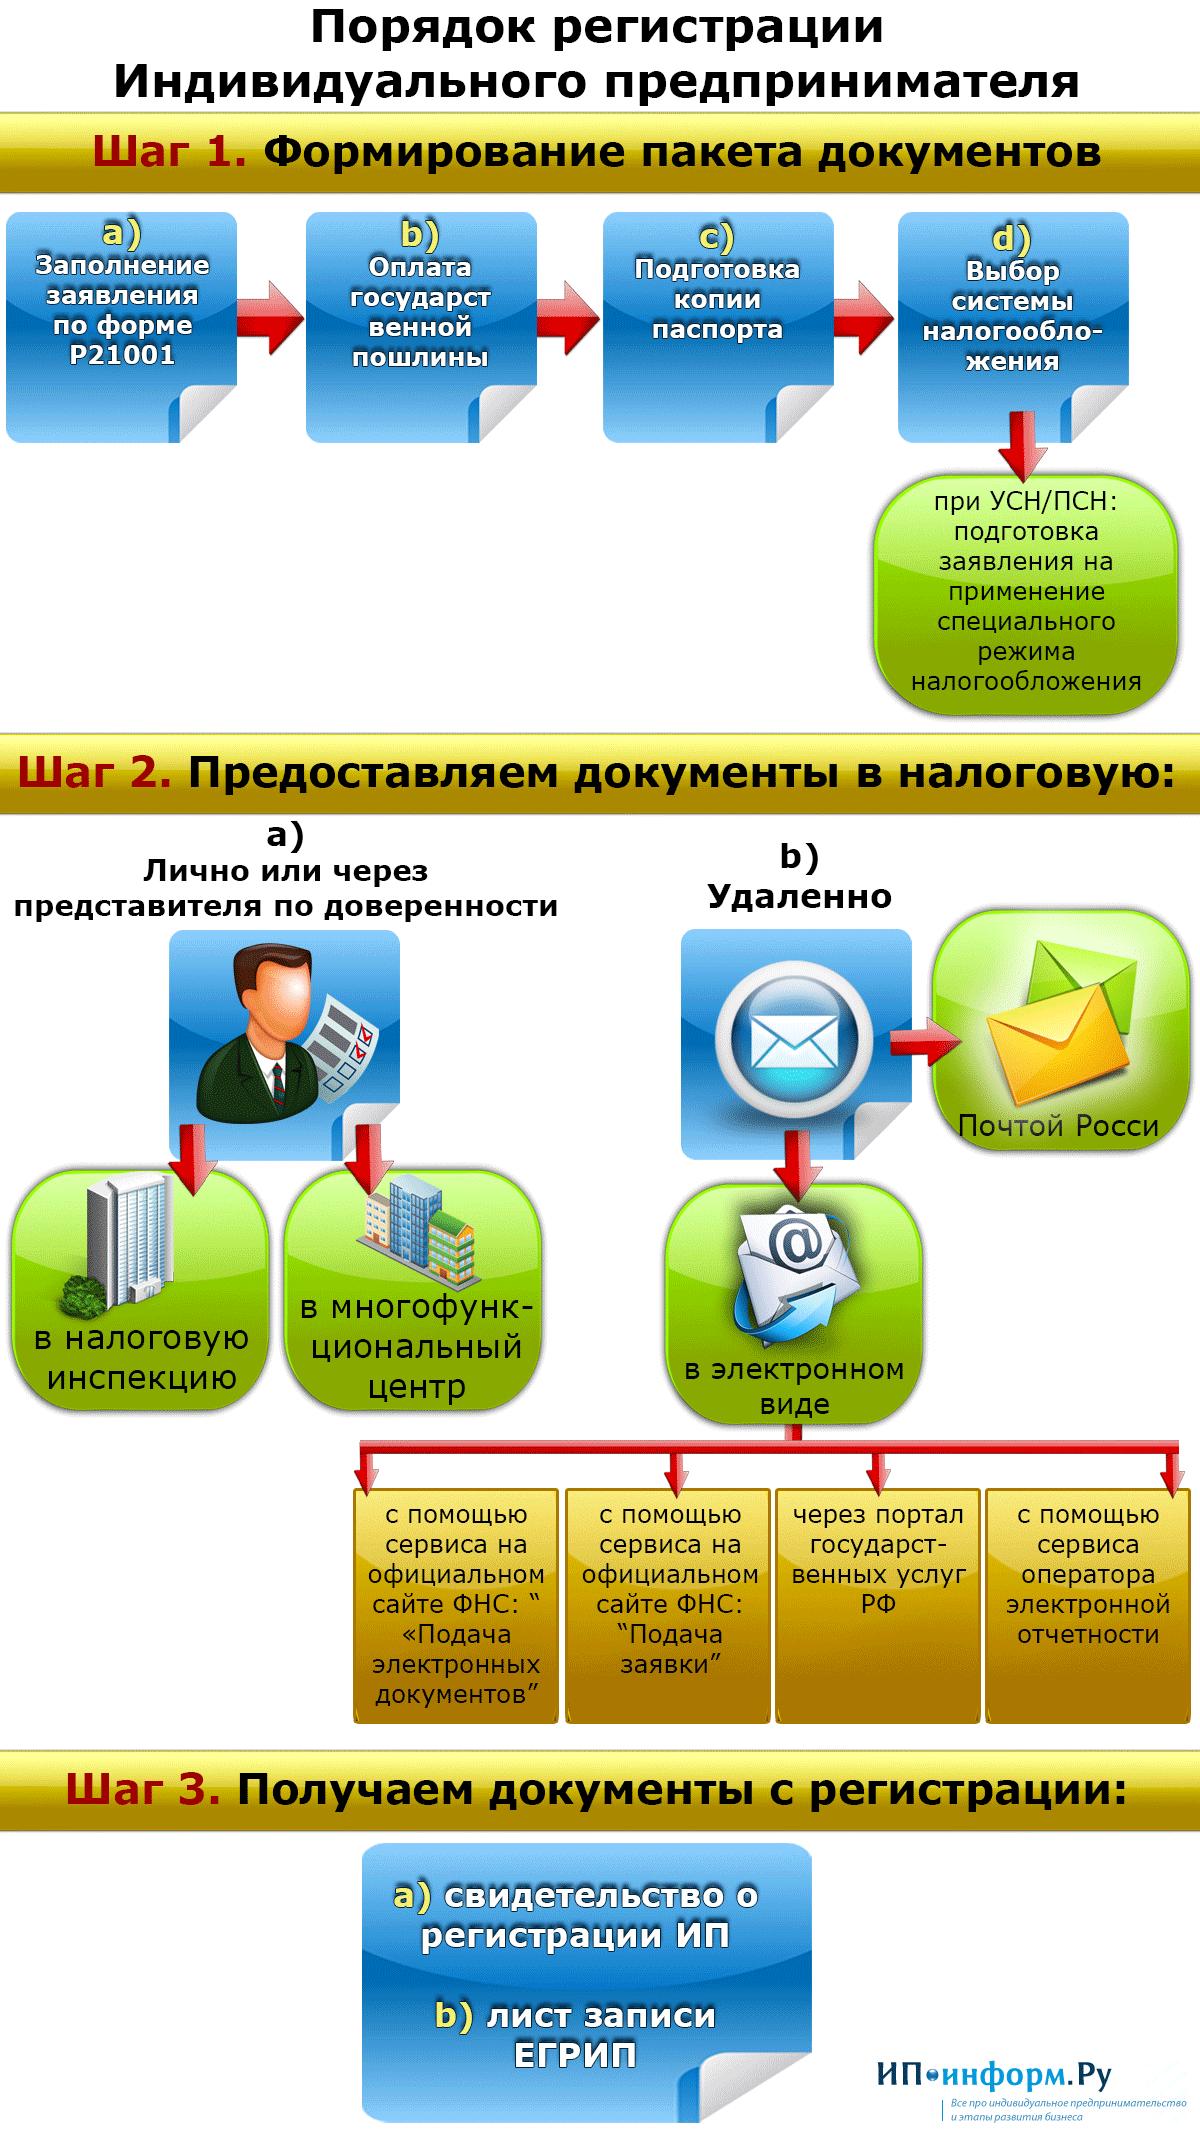 Порядок создания юридических лиц схема